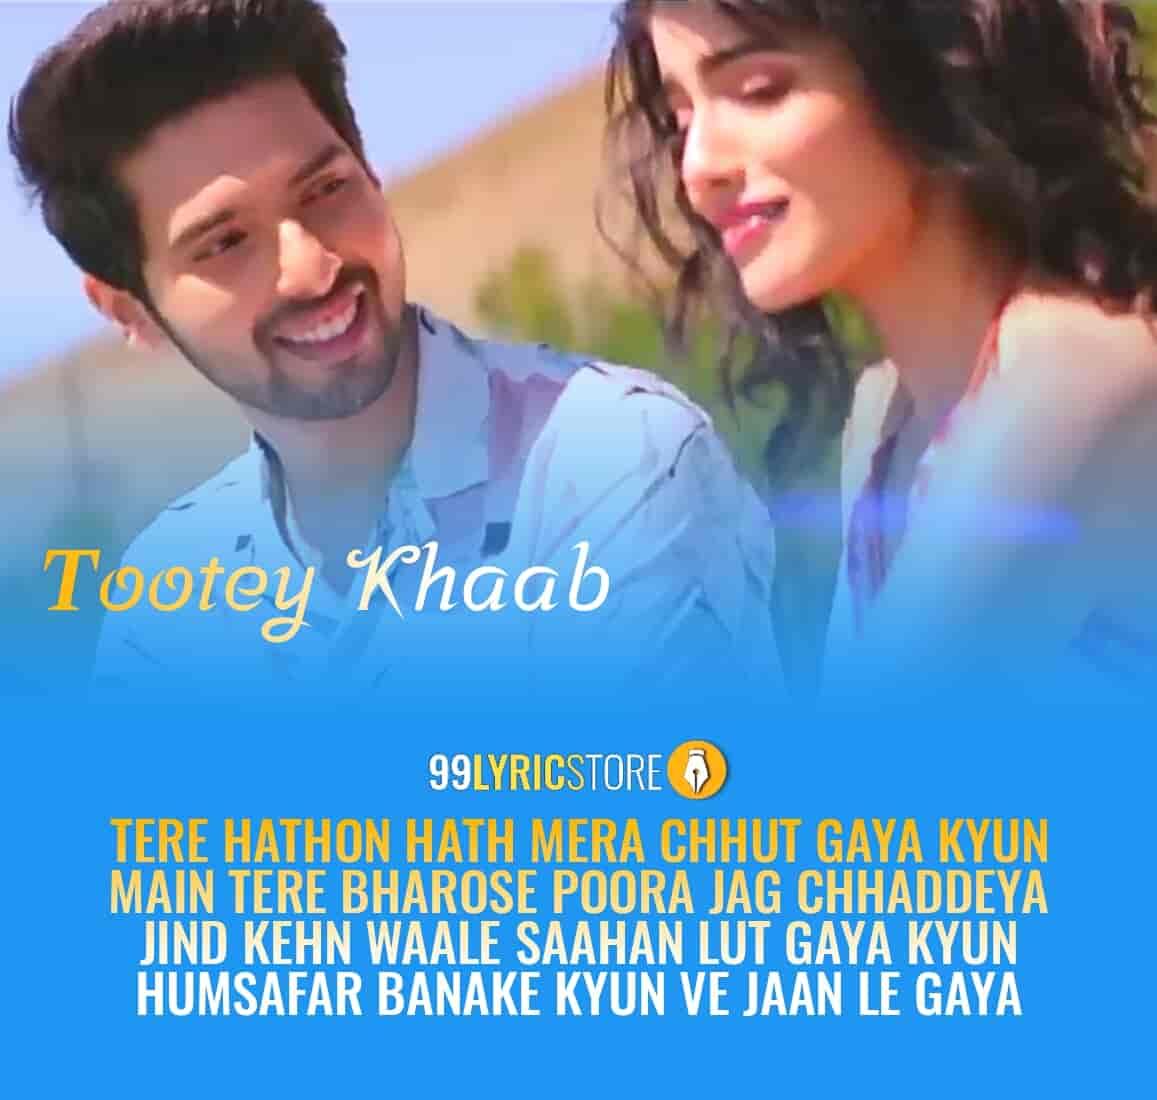 Tootey Khaab Armaan Malik Images